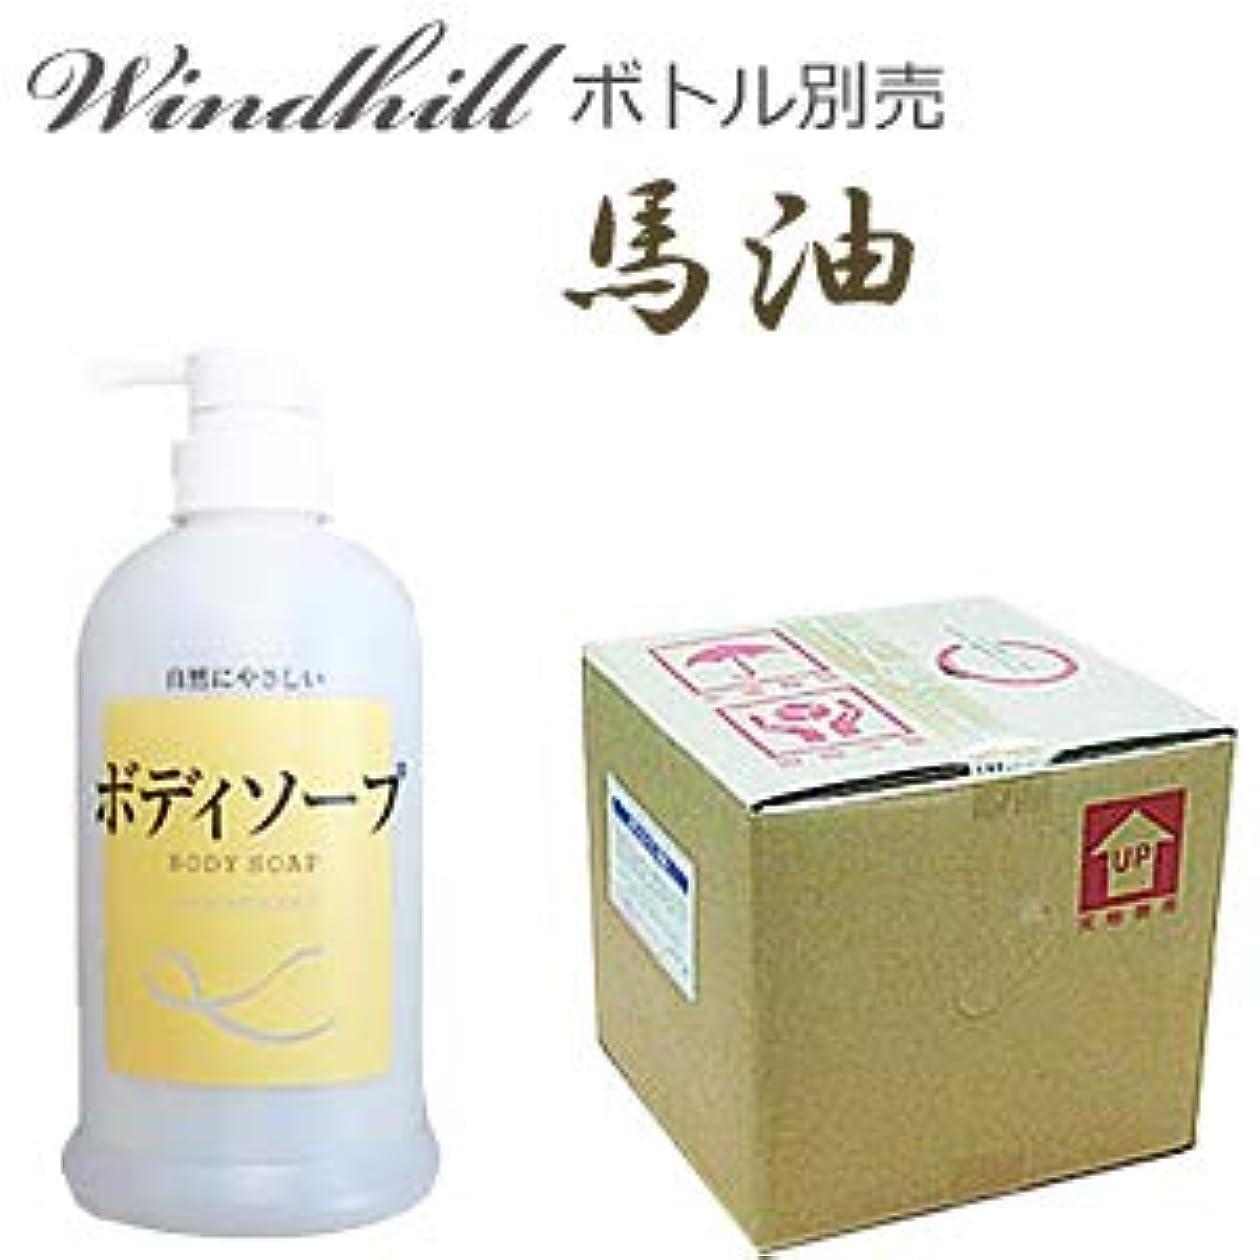 憂鬱敷居投資なんと! 500ml当り190円 Windhill 馬油 業務用 ボディソープ   フローラルの香り 20L